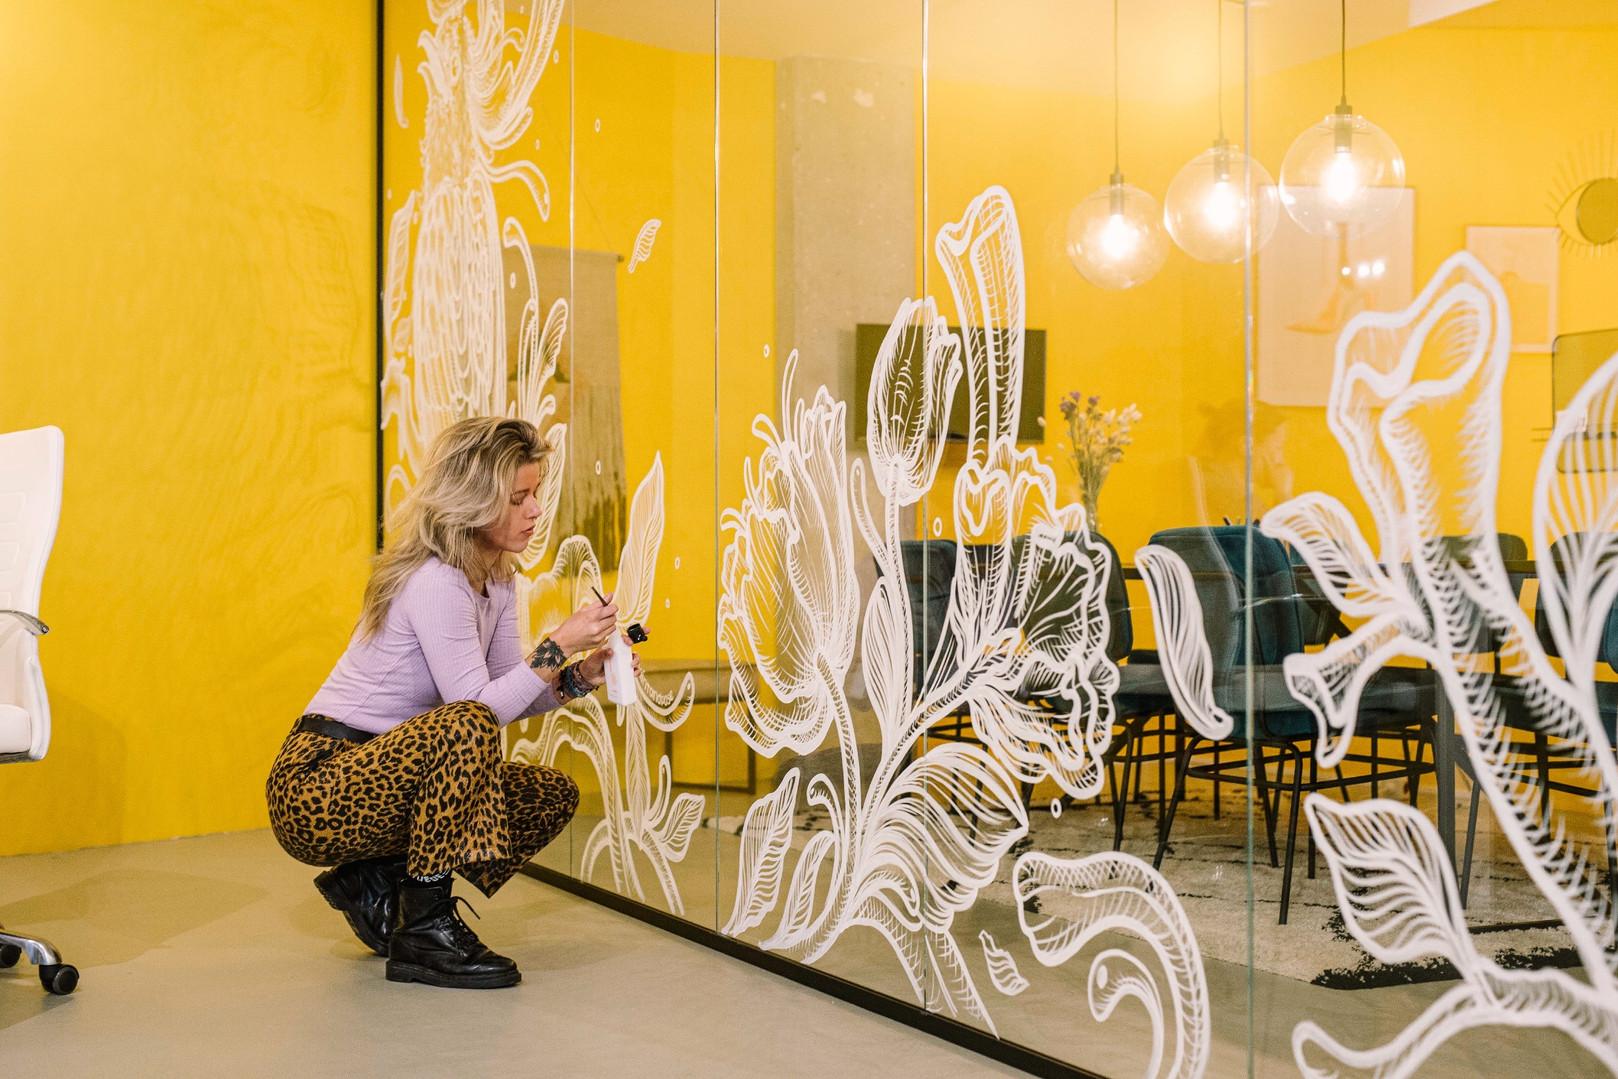 Window Art Meeting Room, Female Coworking Space